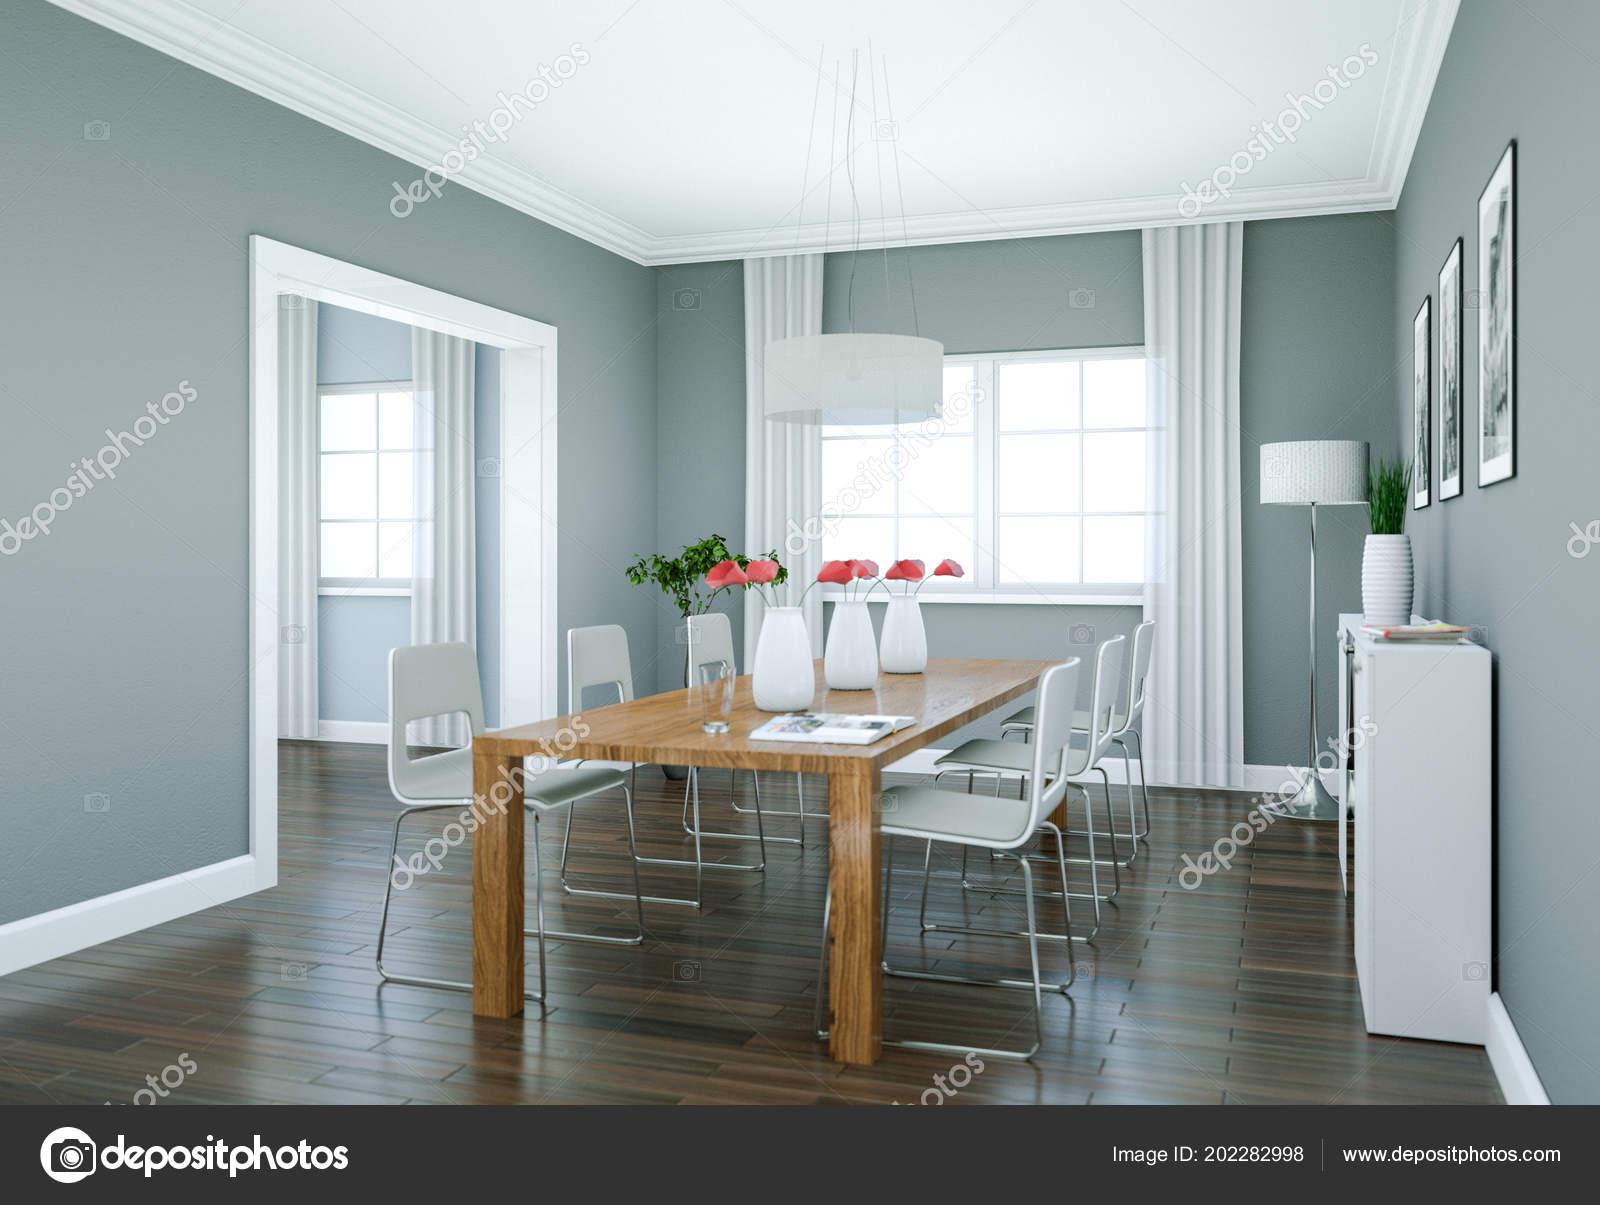 Arredamento sala da pranzo in appartamento moderno — Foto Stock ...